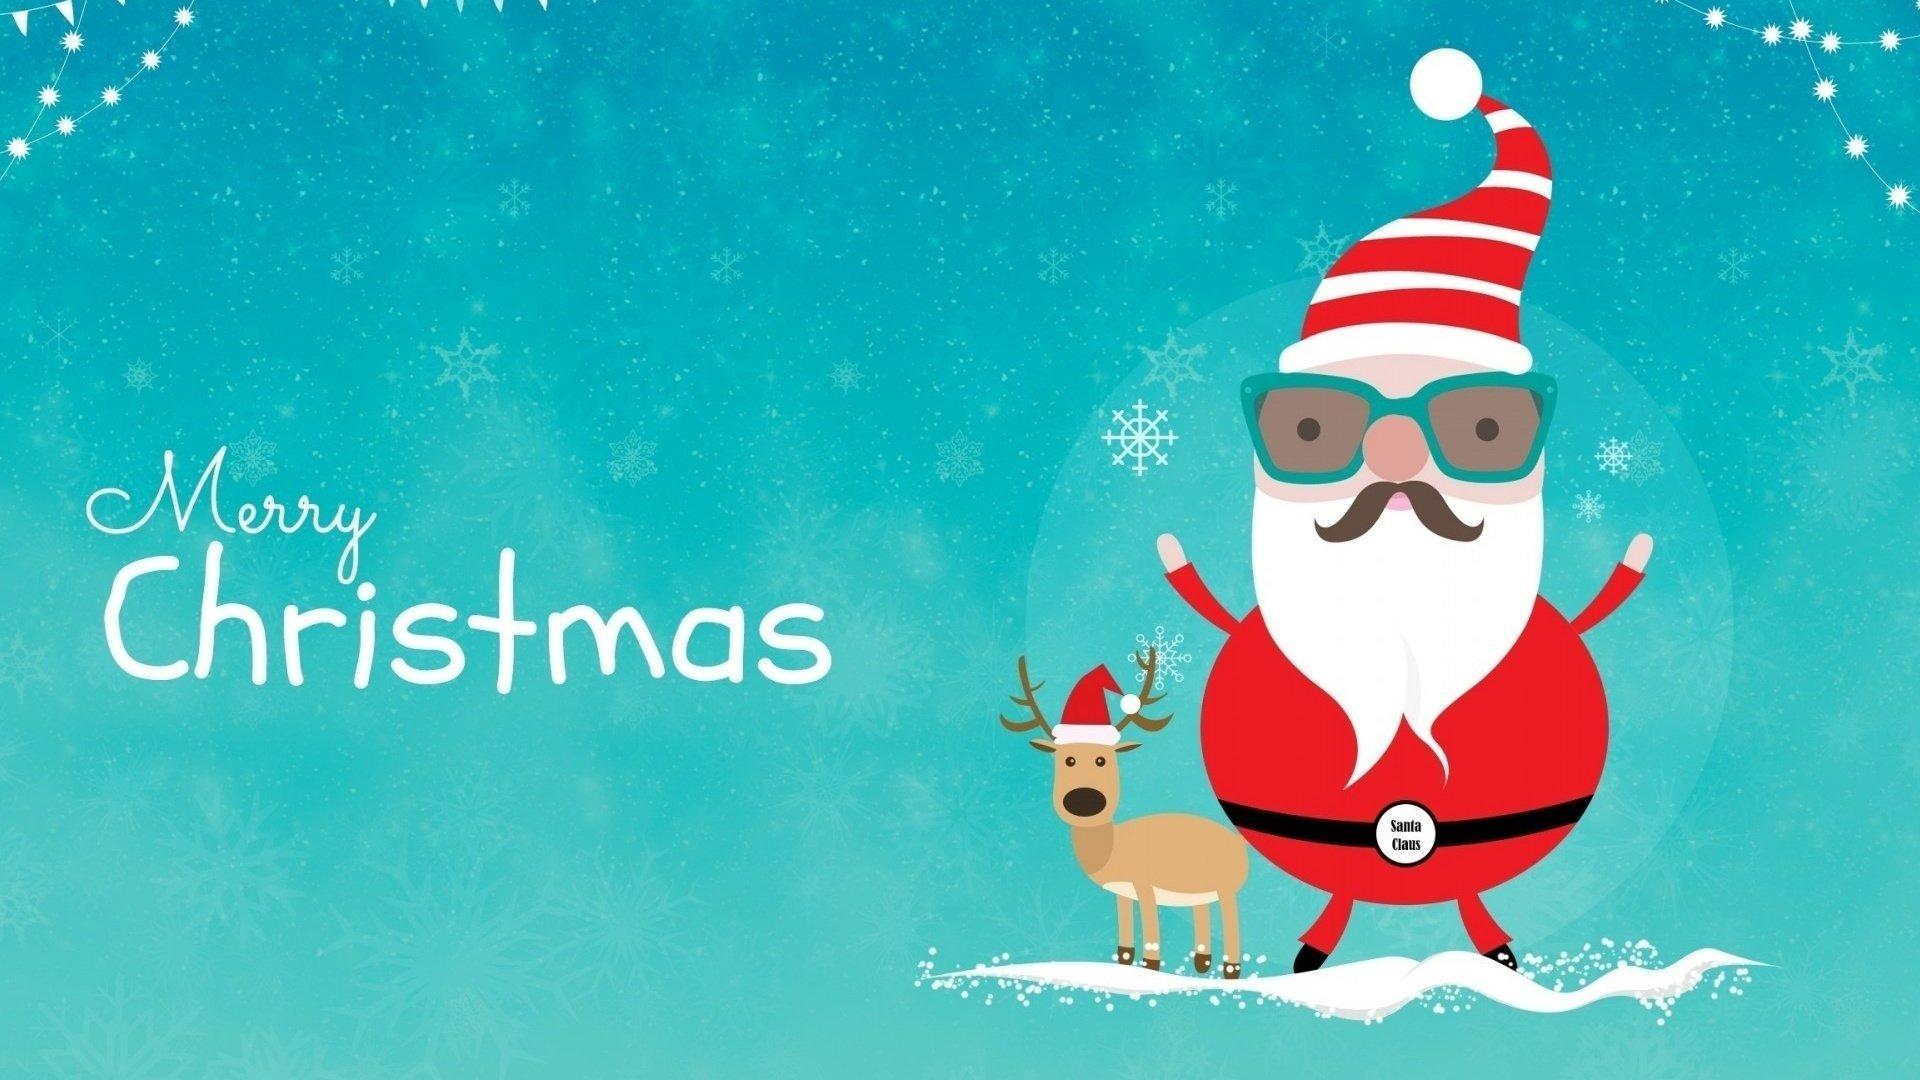 Санта-Клаус  № 967474 загрузить